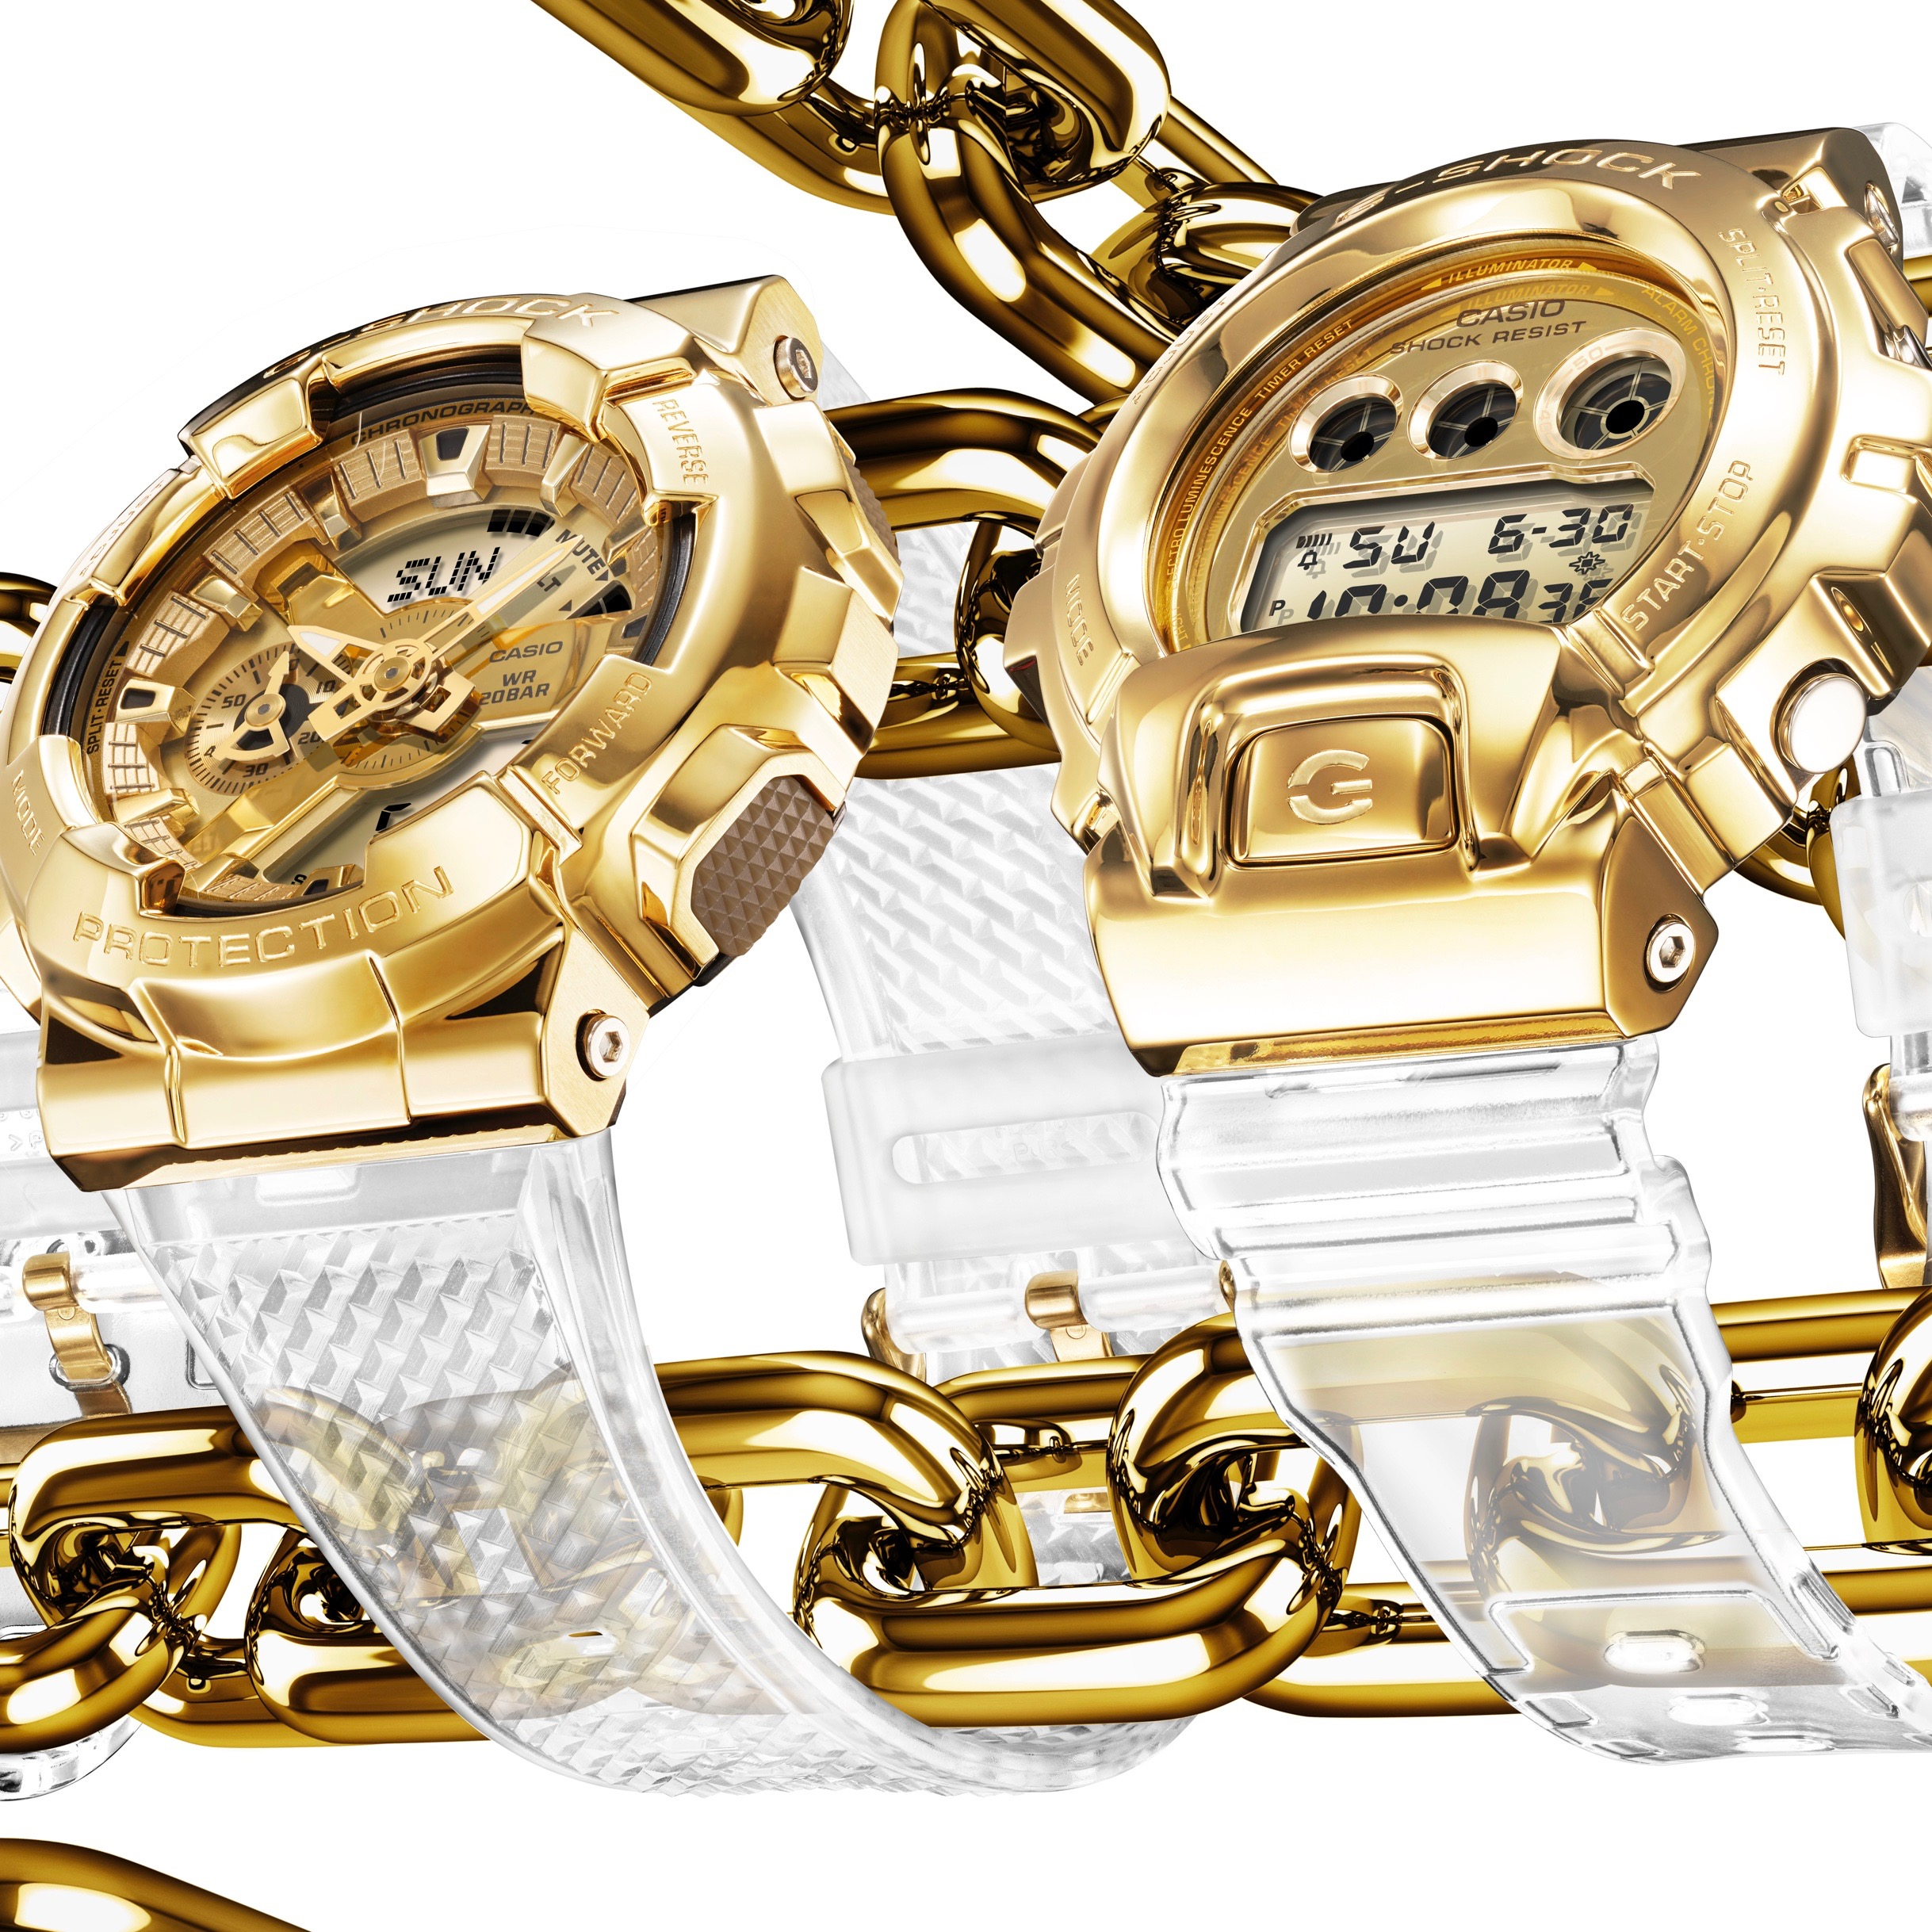 G-SHOCK Gold Watch